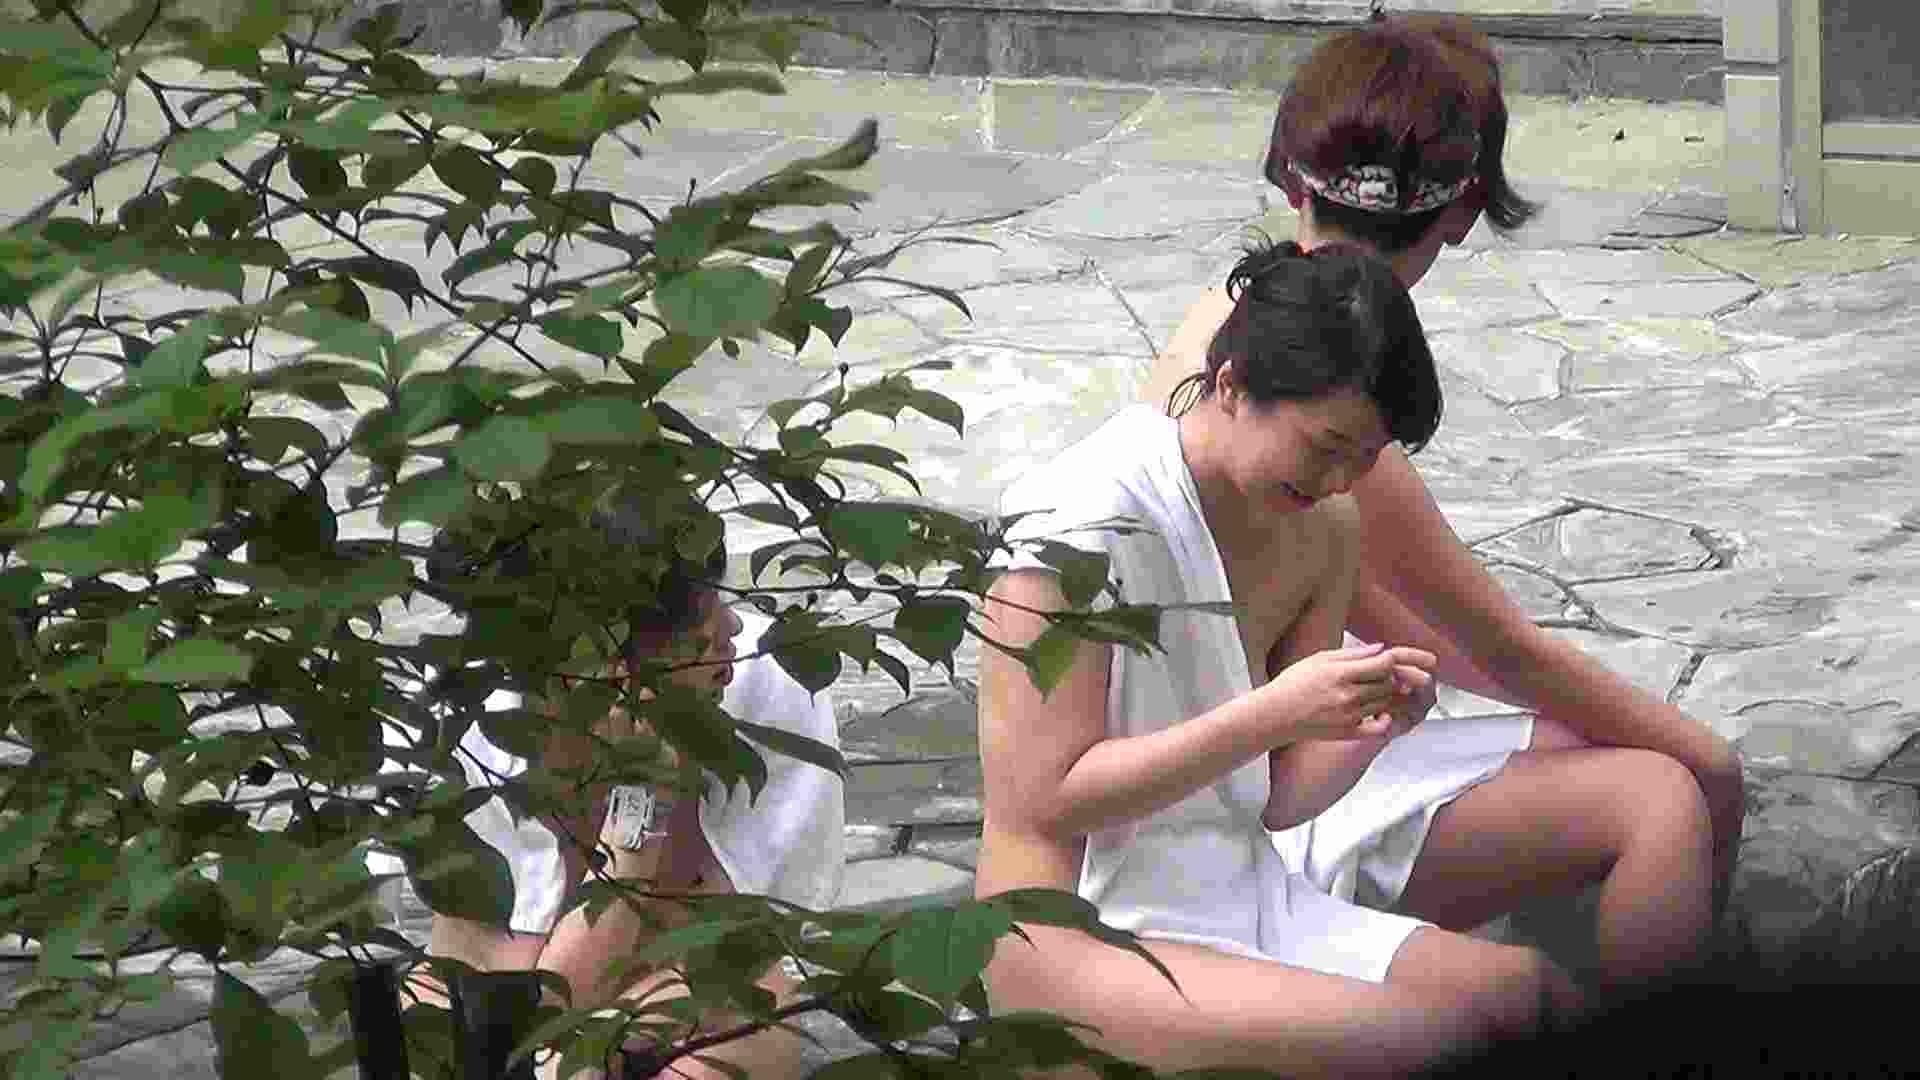 ハイビジョンVol.15 仲良しOL三人組のサービスショット 露天風呂の女子達 セックス画像 50画像 40